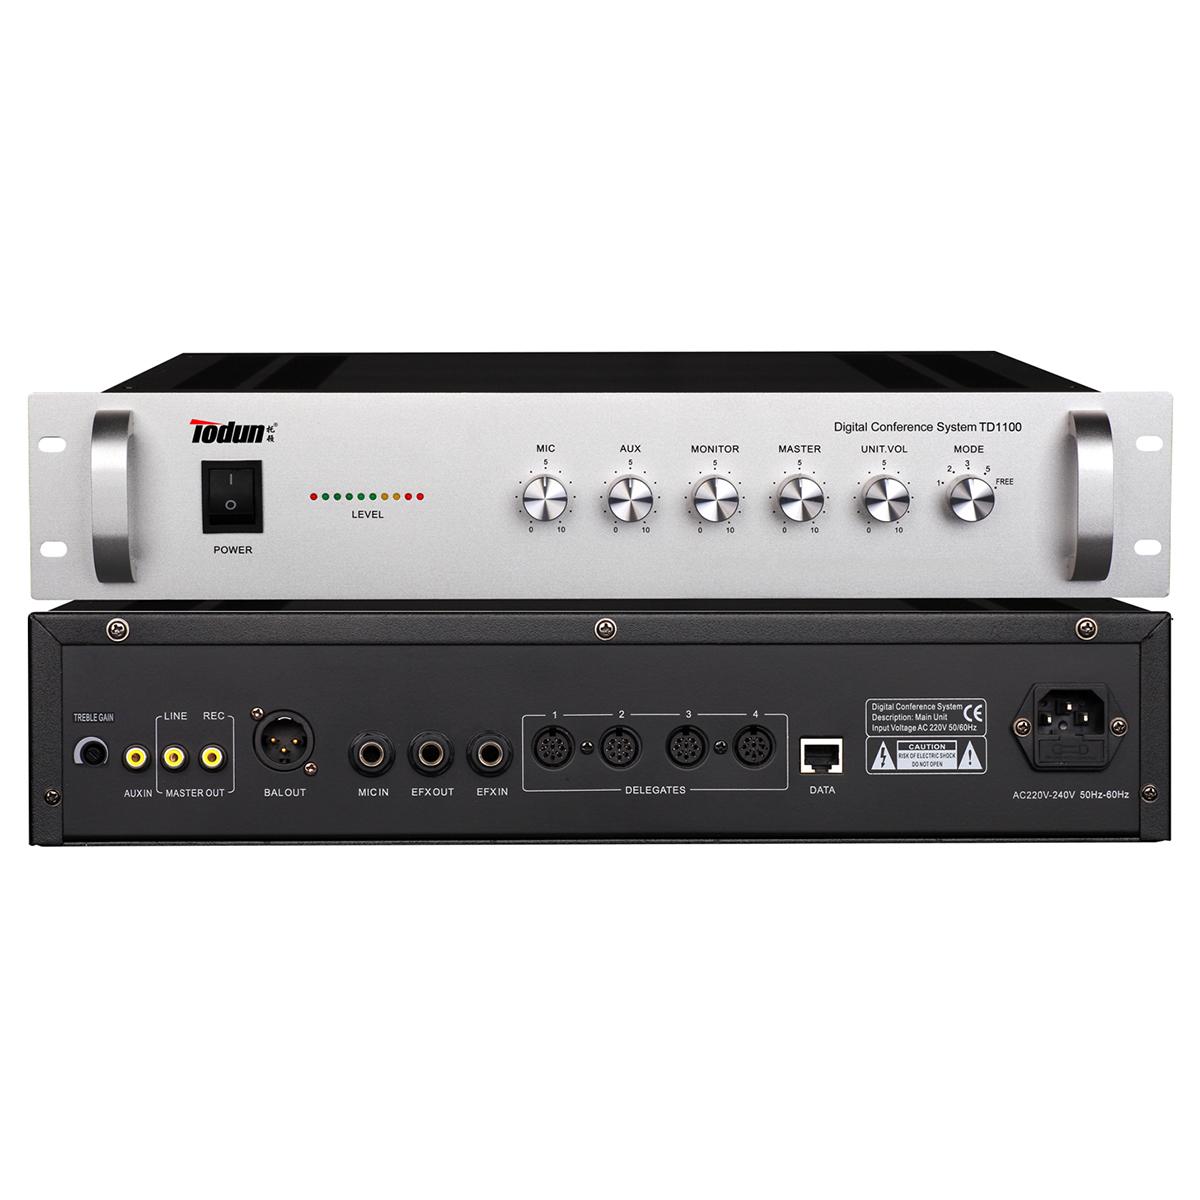 托顿TD1100 便携式会议系统主机(讨论型)